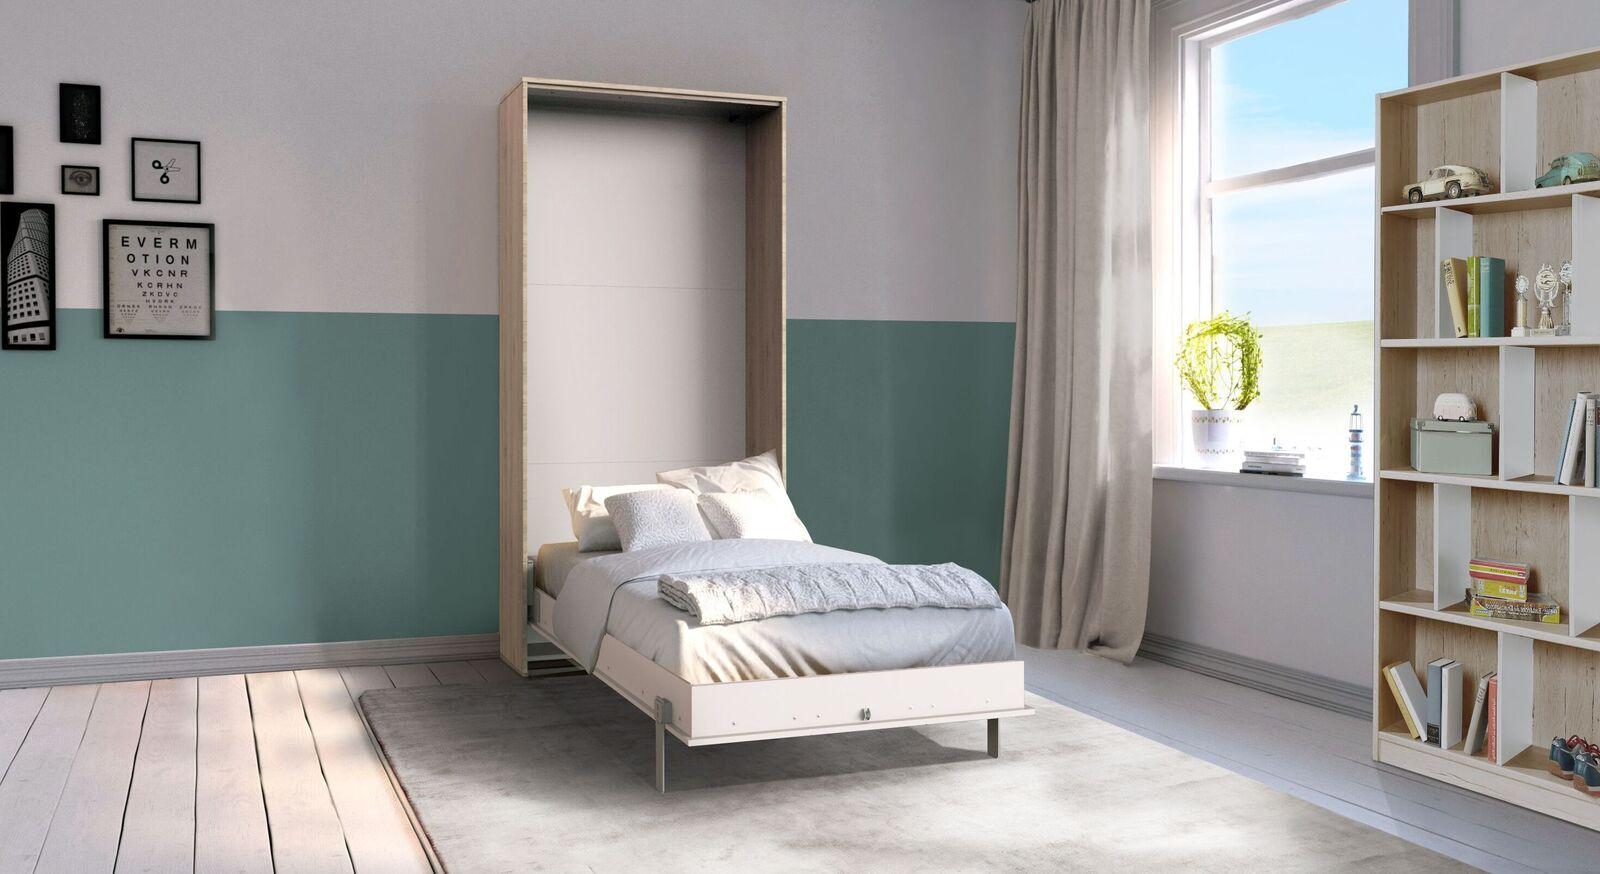 Schrankbett Vallarta in Einzelbett-Größe